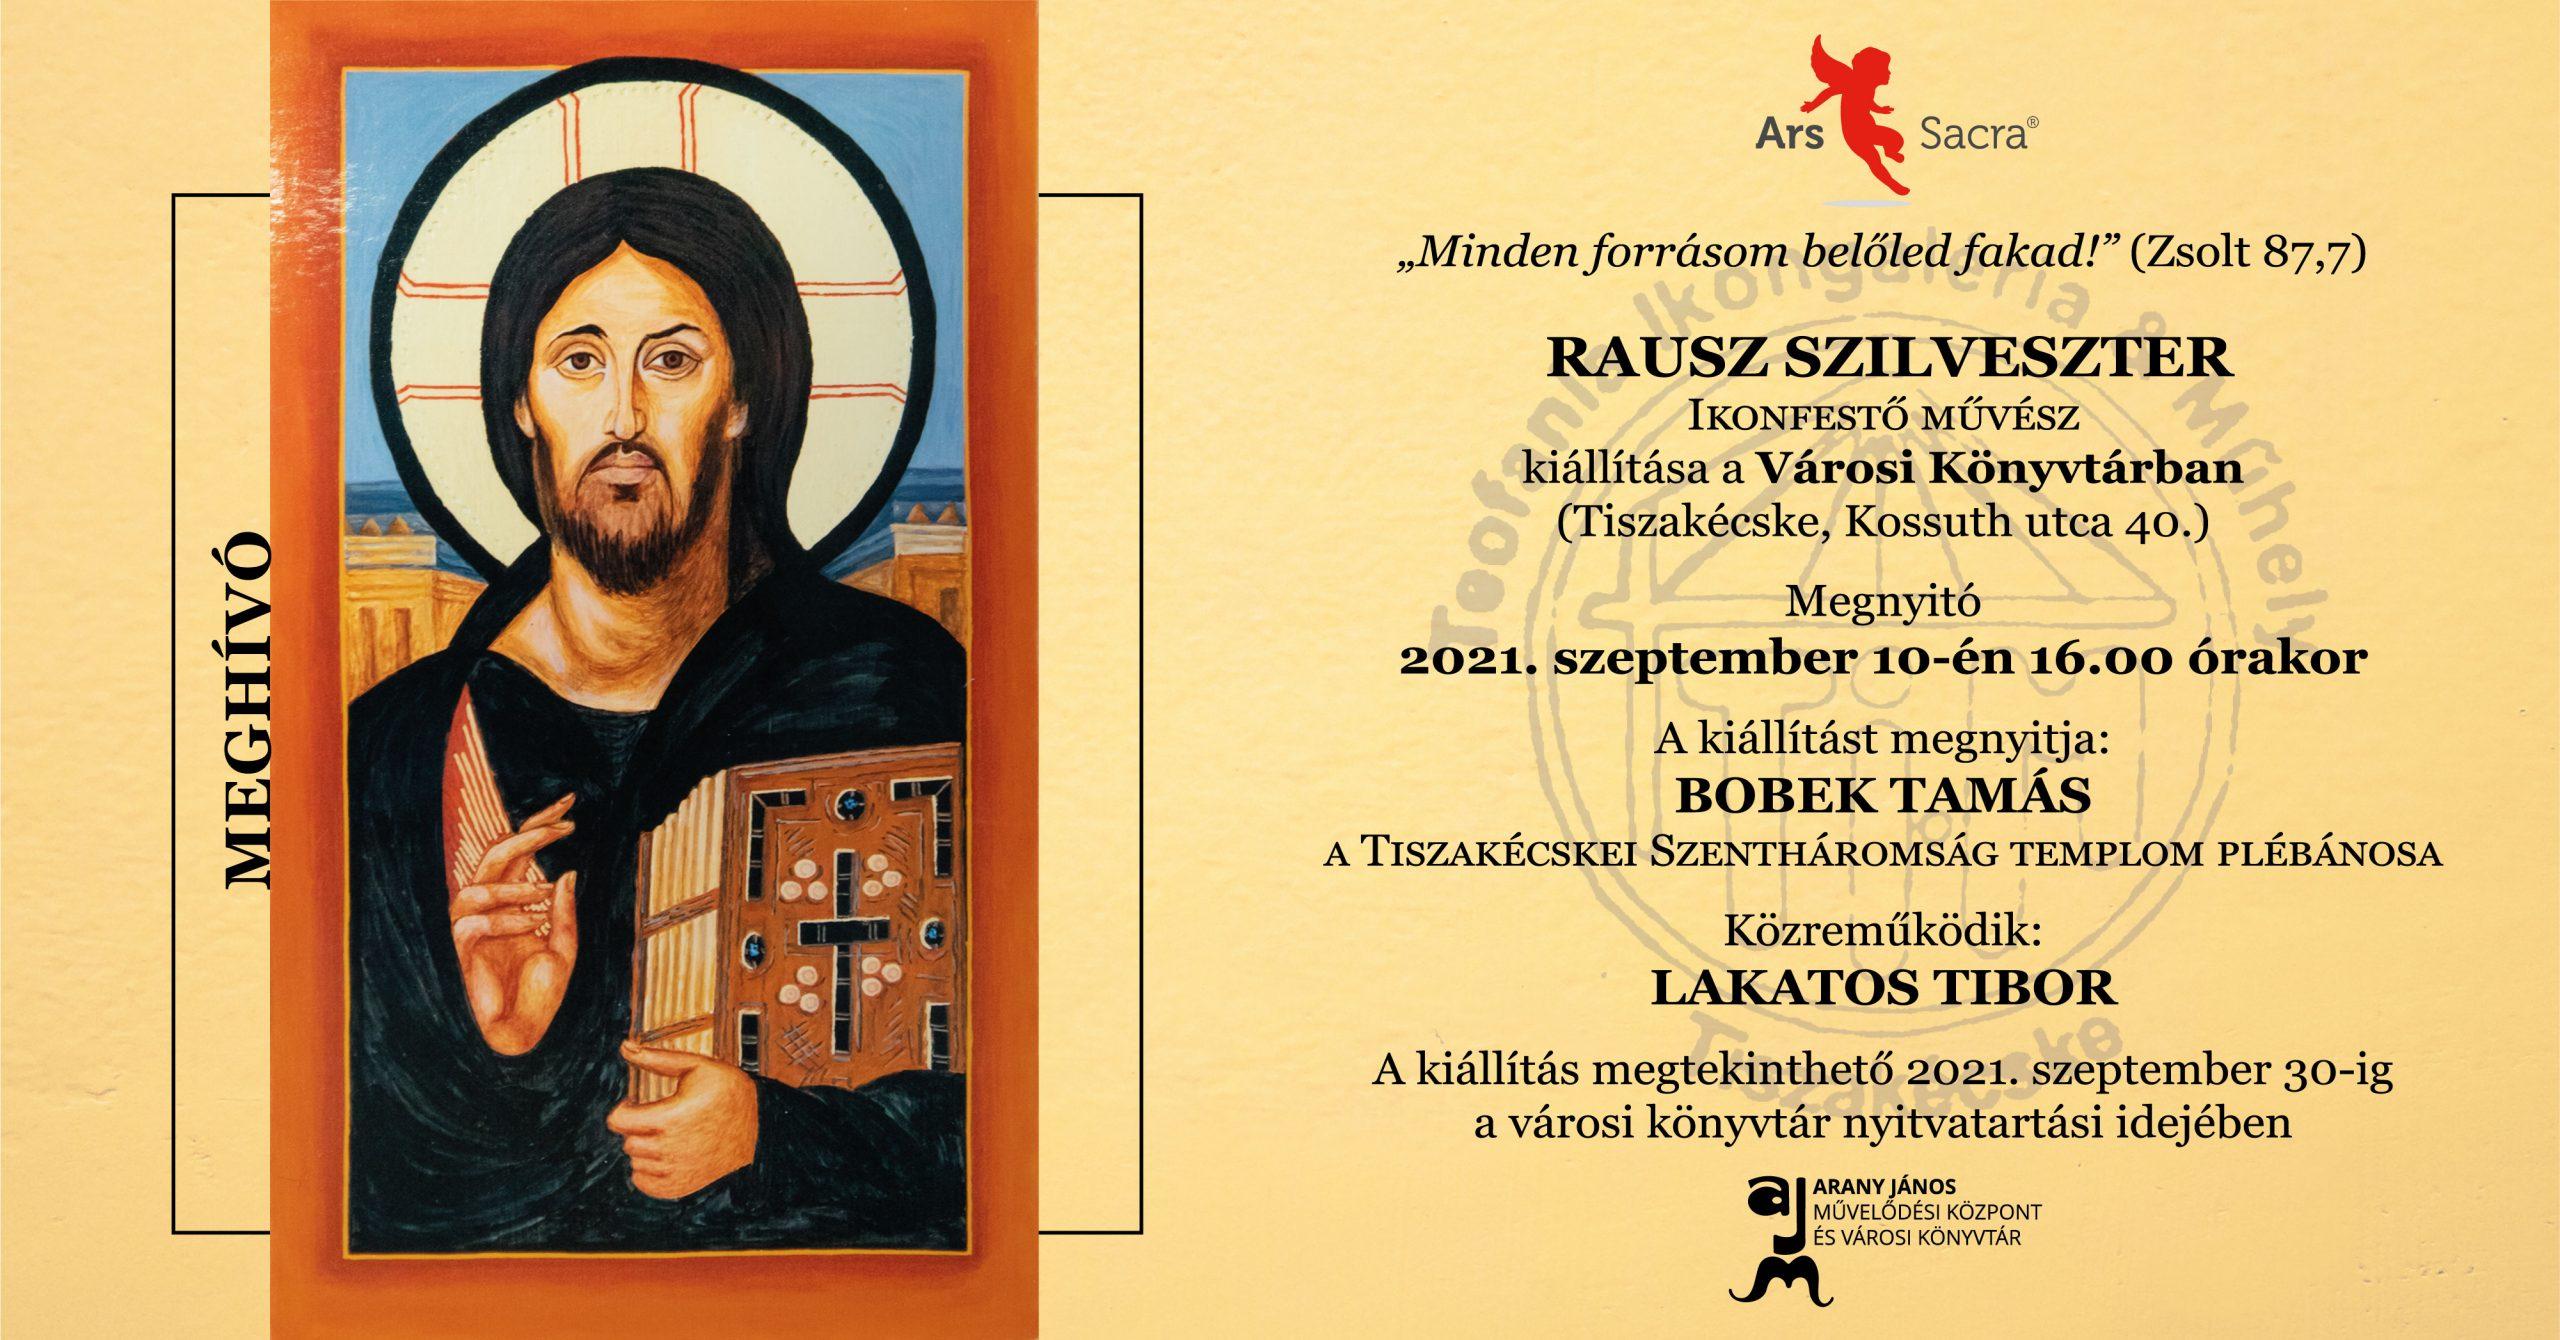 Rausz Szilveszter ikonfestő művész kiállítása a Városi Könyvtárban